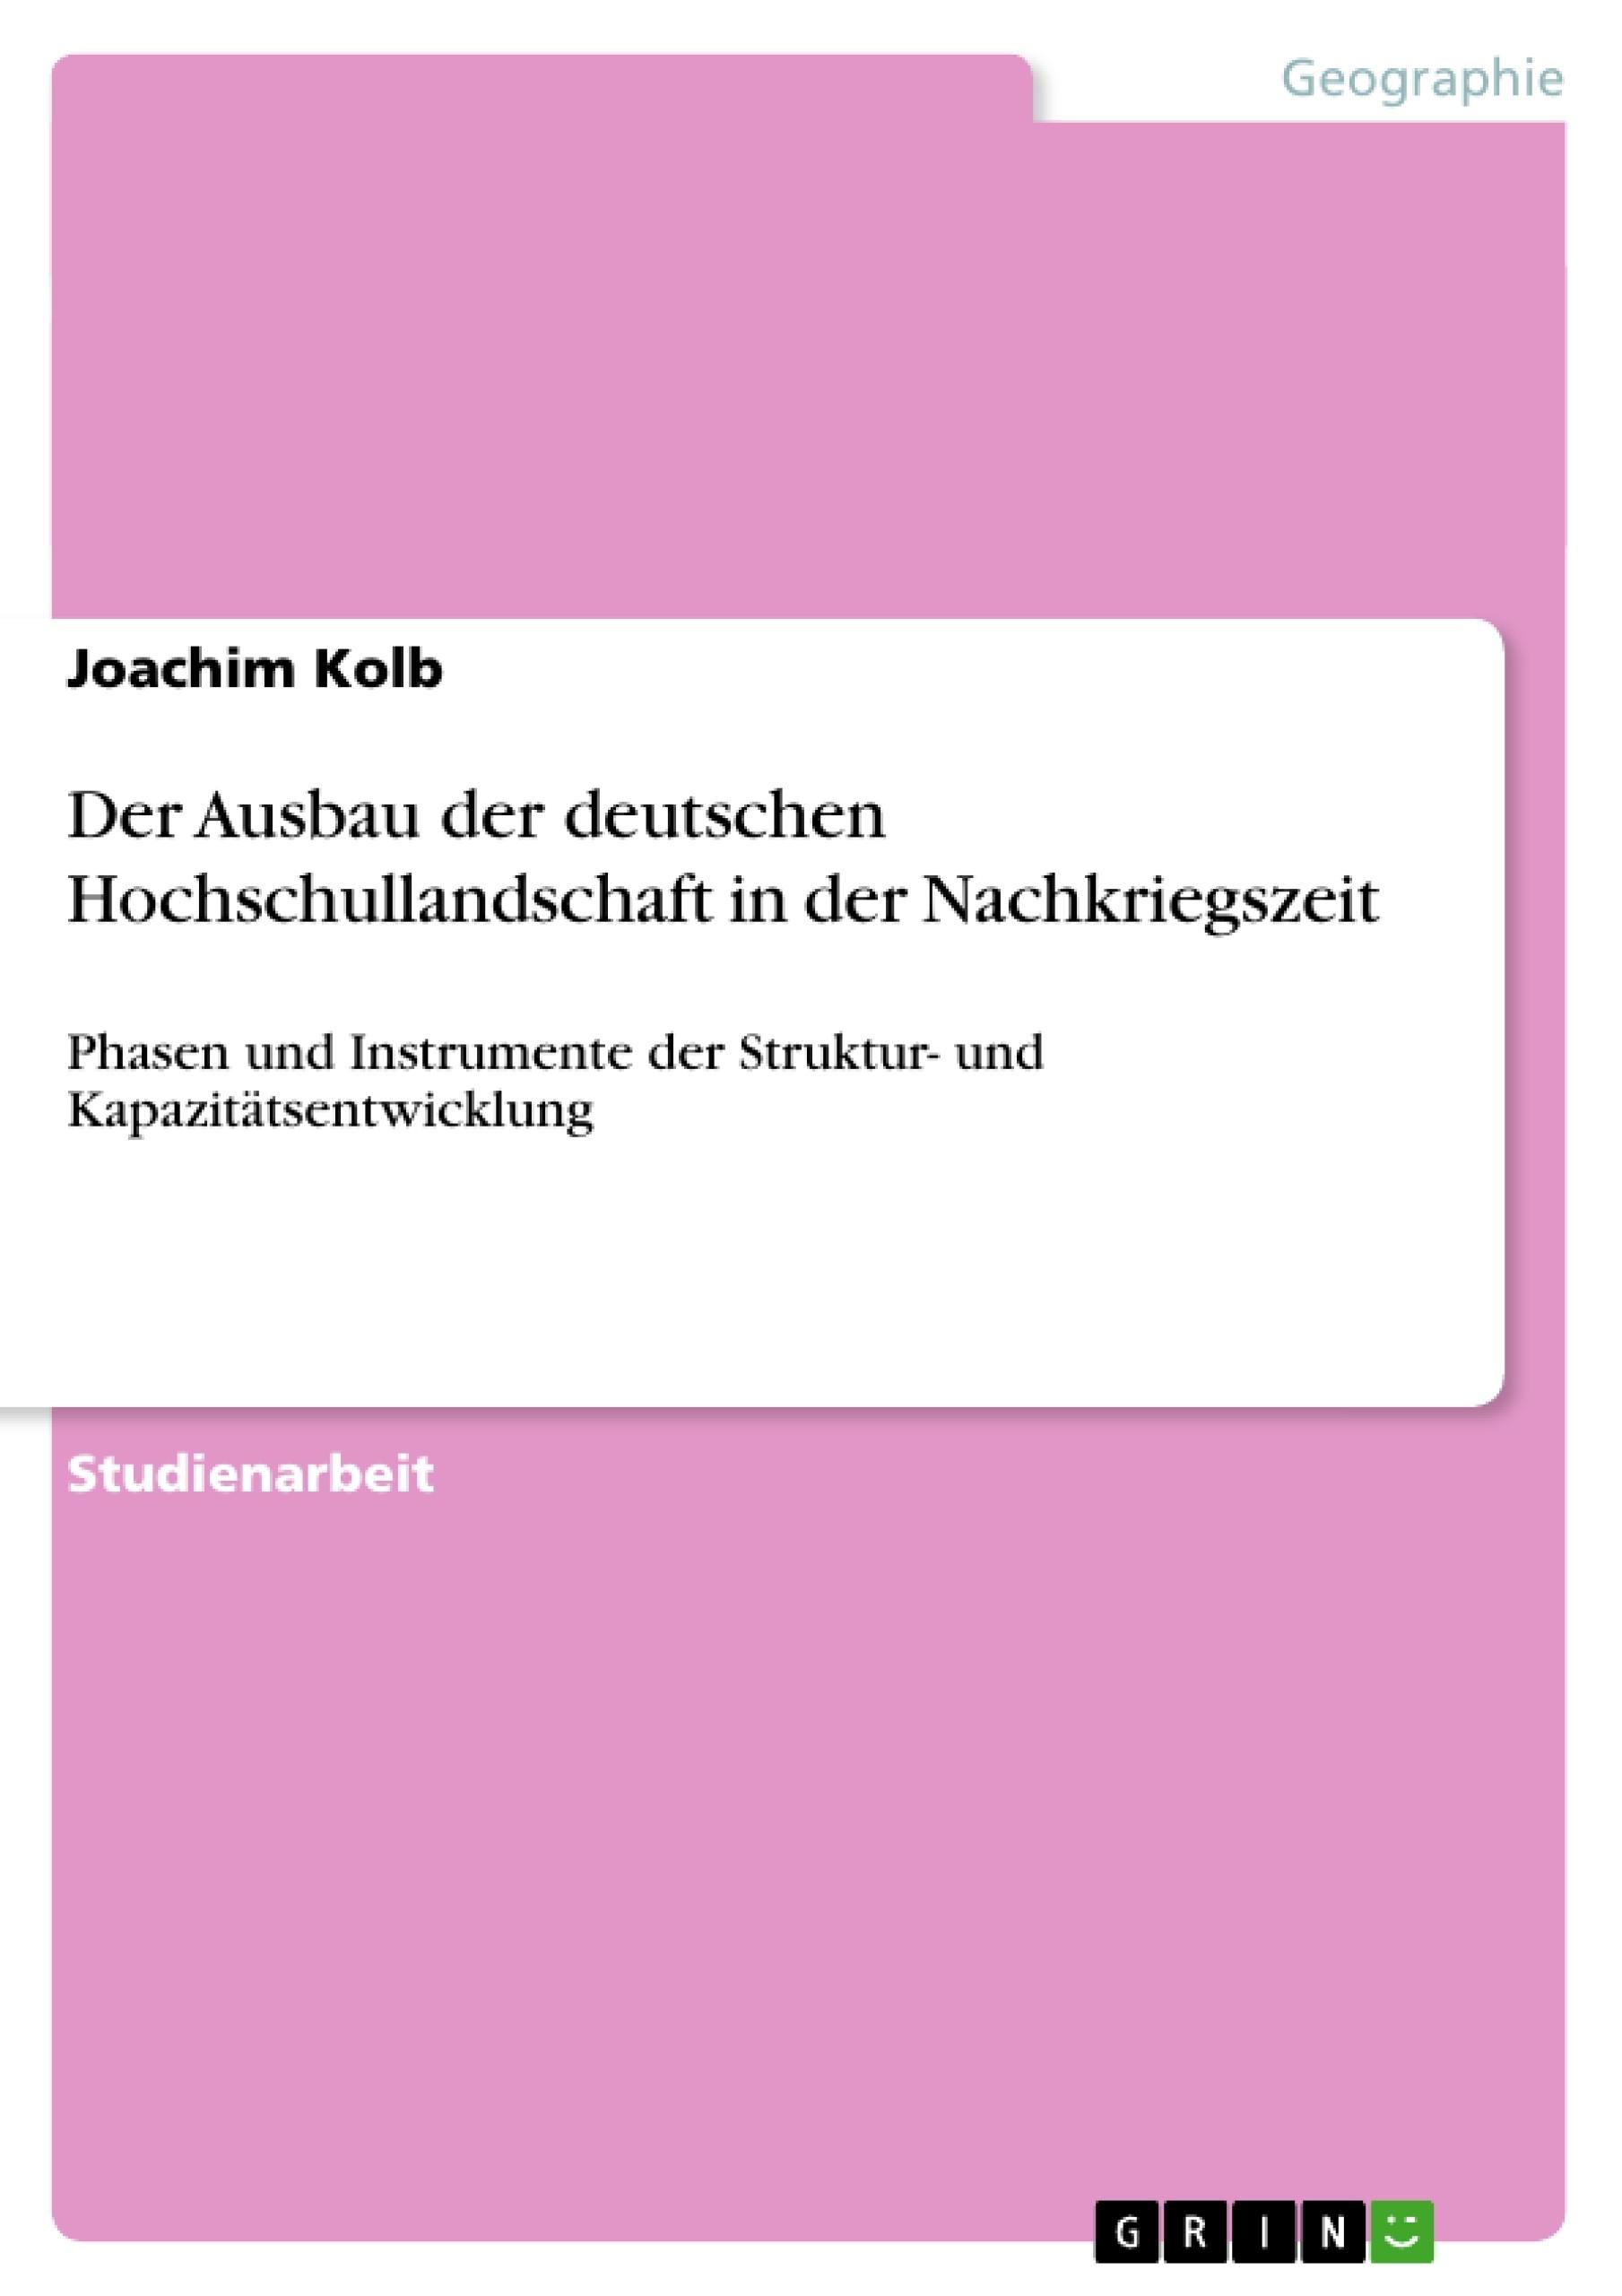 Titel: Der Ausbau der deutschen Hochschullandschaft in der Nachkriegszeit